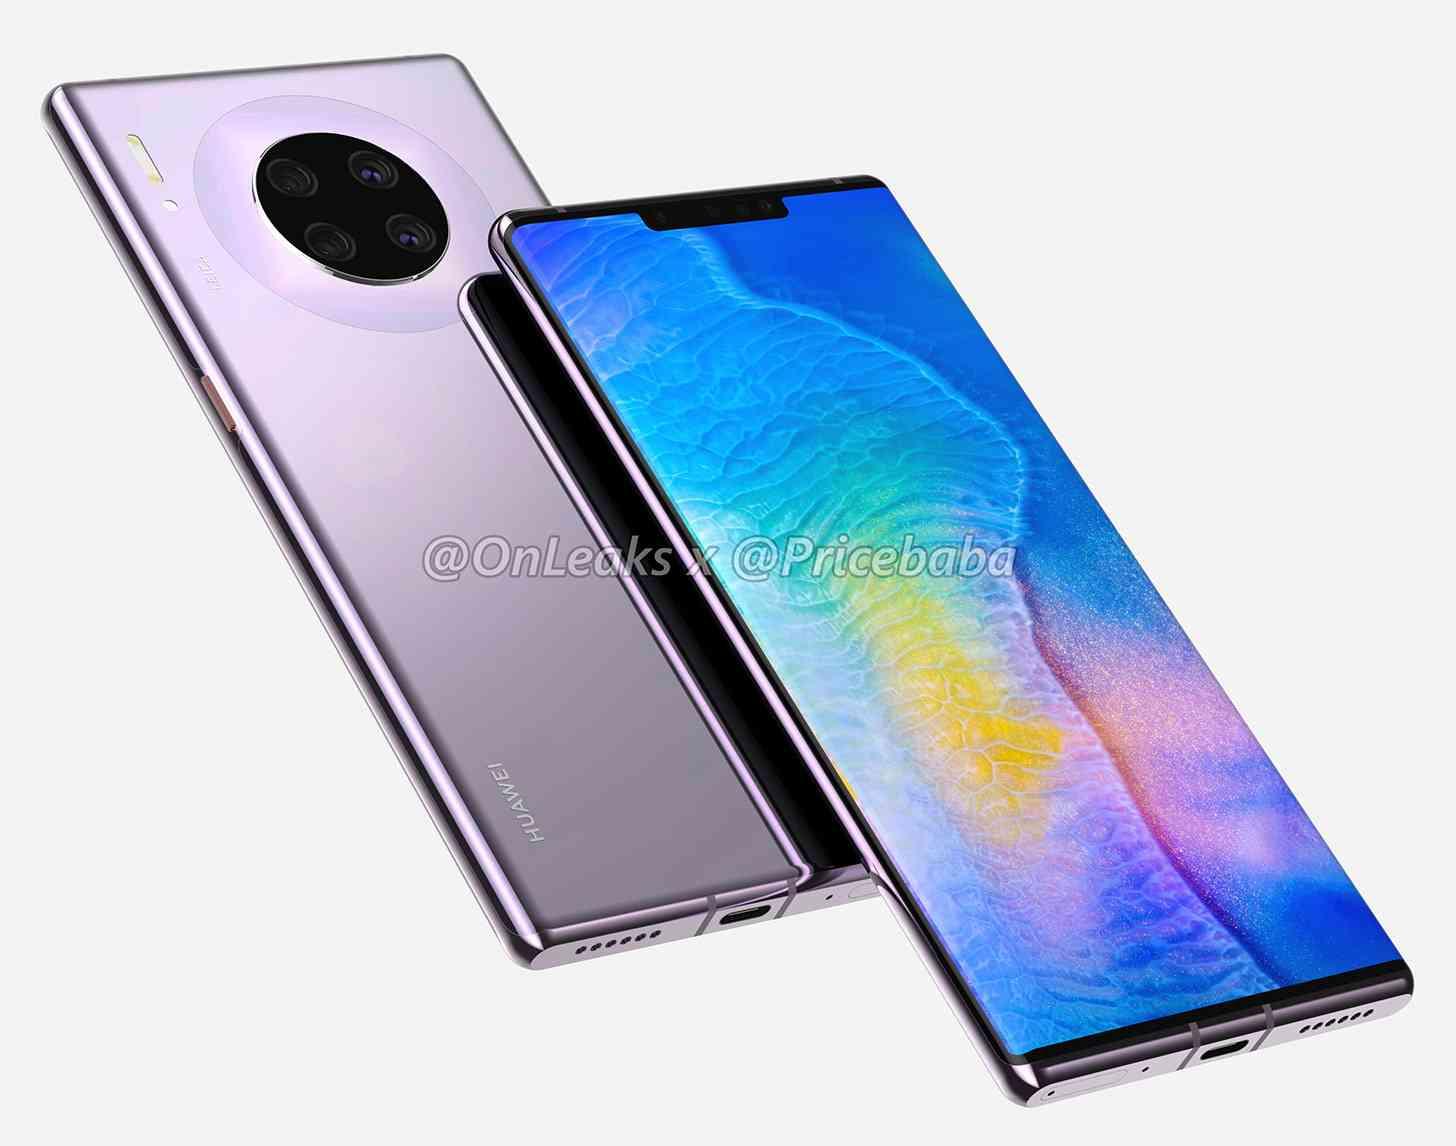 Huawei Mate 30 Pro renders